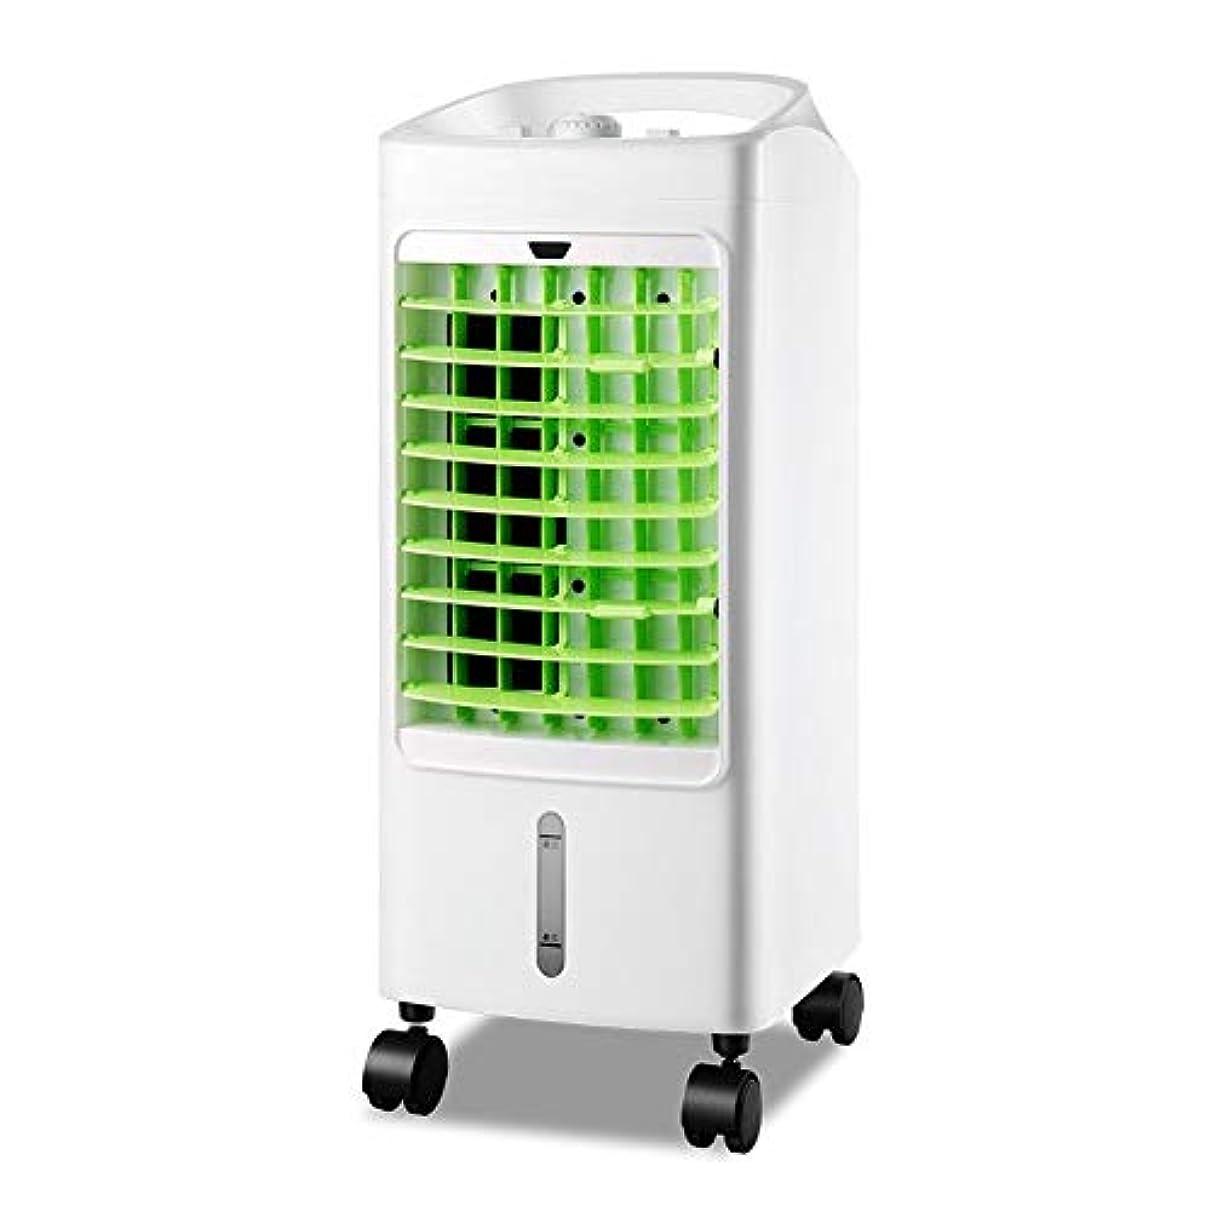 ラリー滅多泥だらけLPD-冷風機 機械的に制御された単一の冷却された空気クーラーの携帯用蒸発冷却の冷たい空気加湿空気浄化